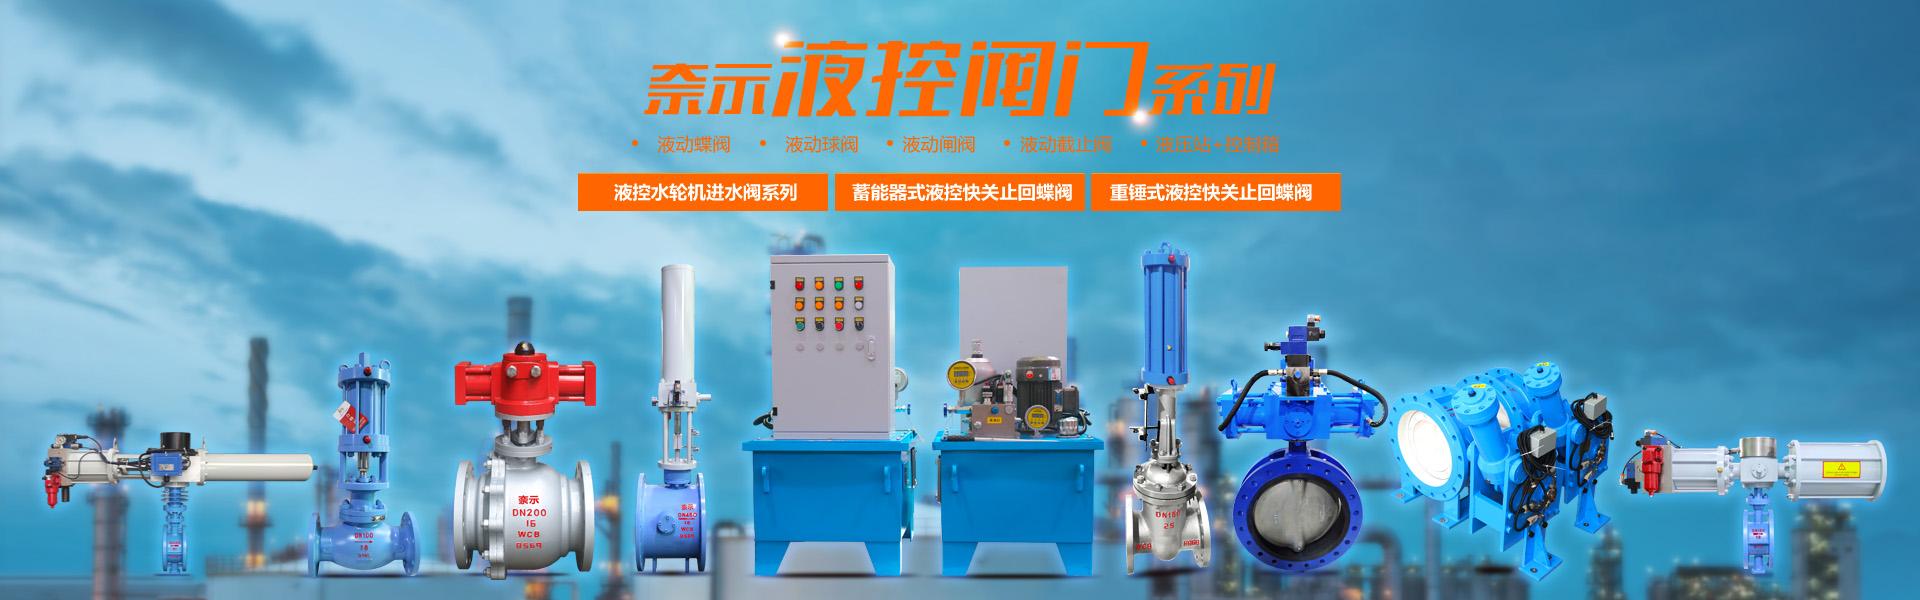 液控阀、液动阀、液控止回蝶阀成套产品展示